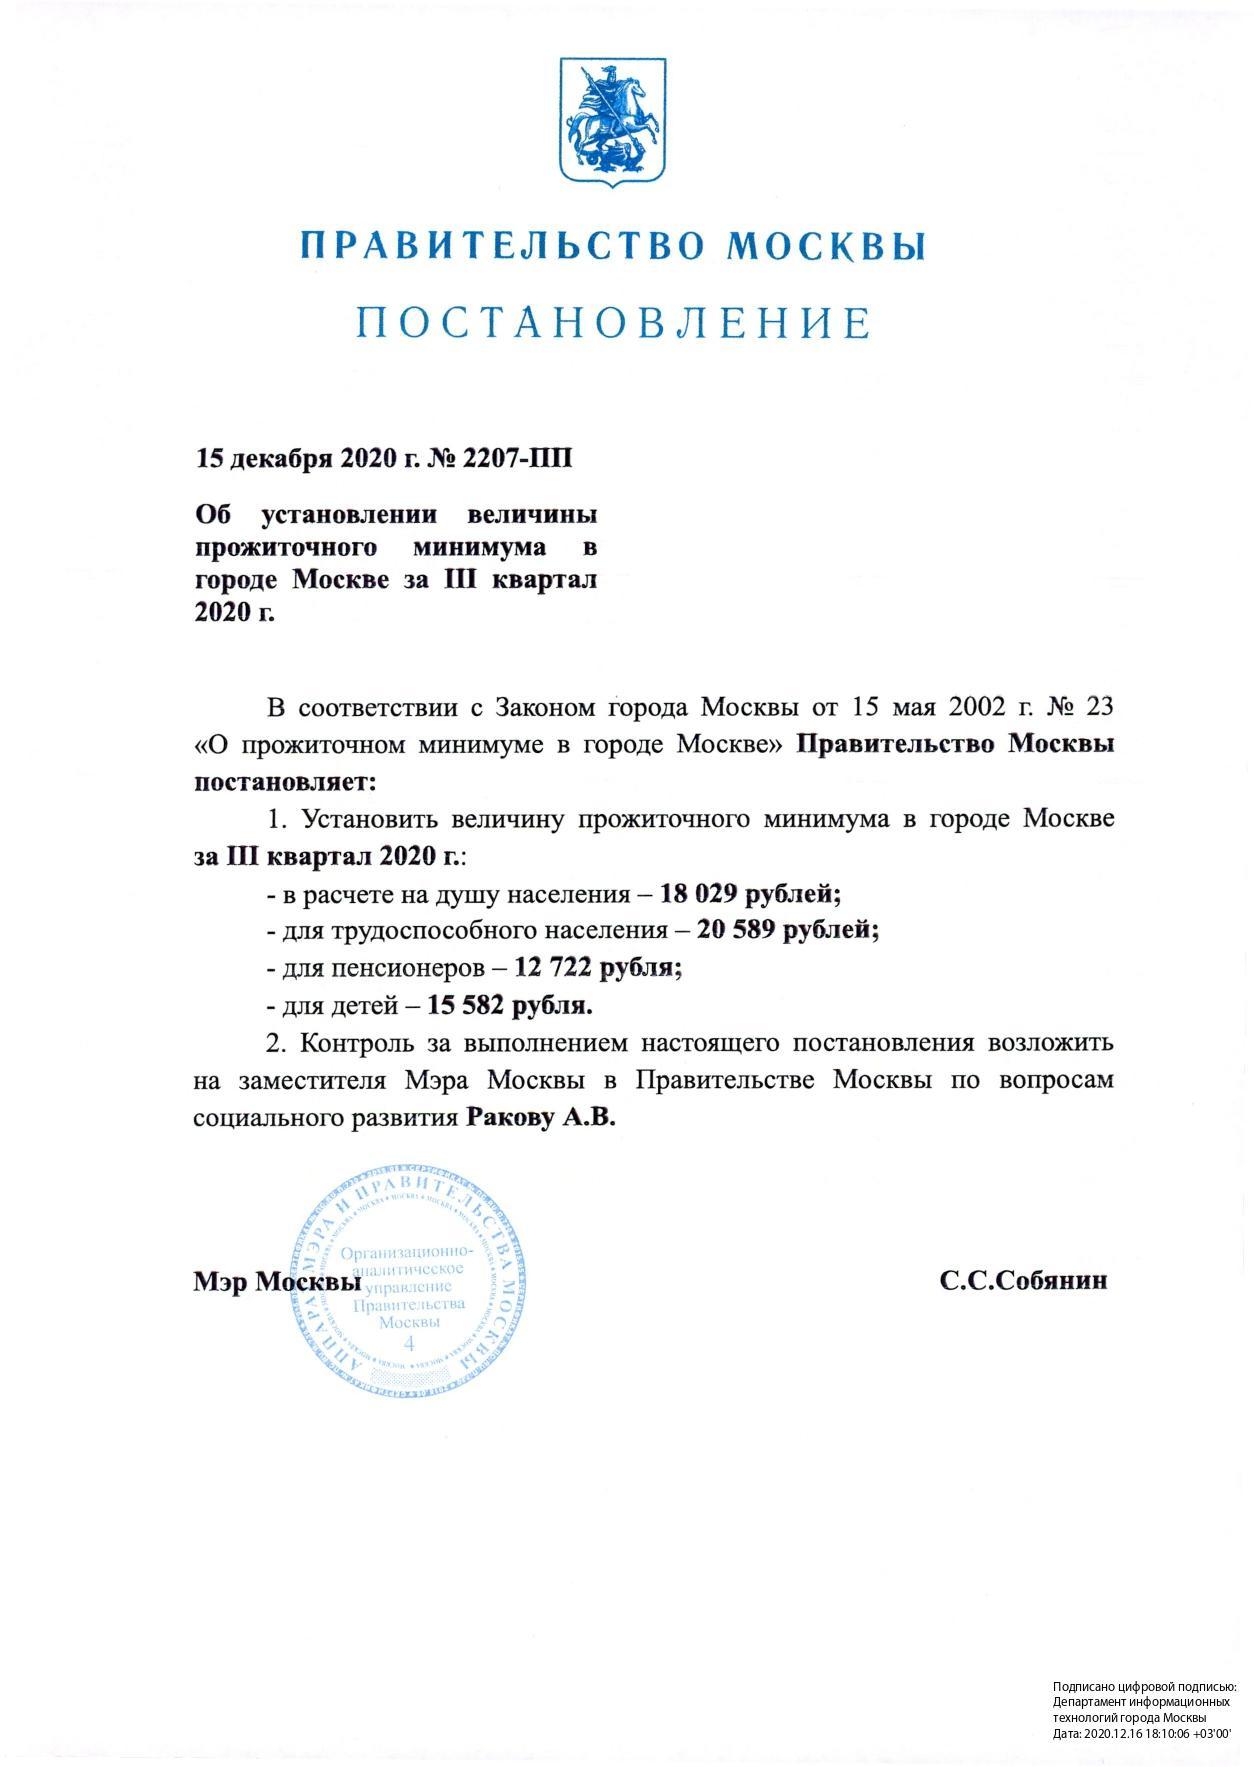 Об установлении величины прожиточного минимума в городе Москве за III квартал 2020 г